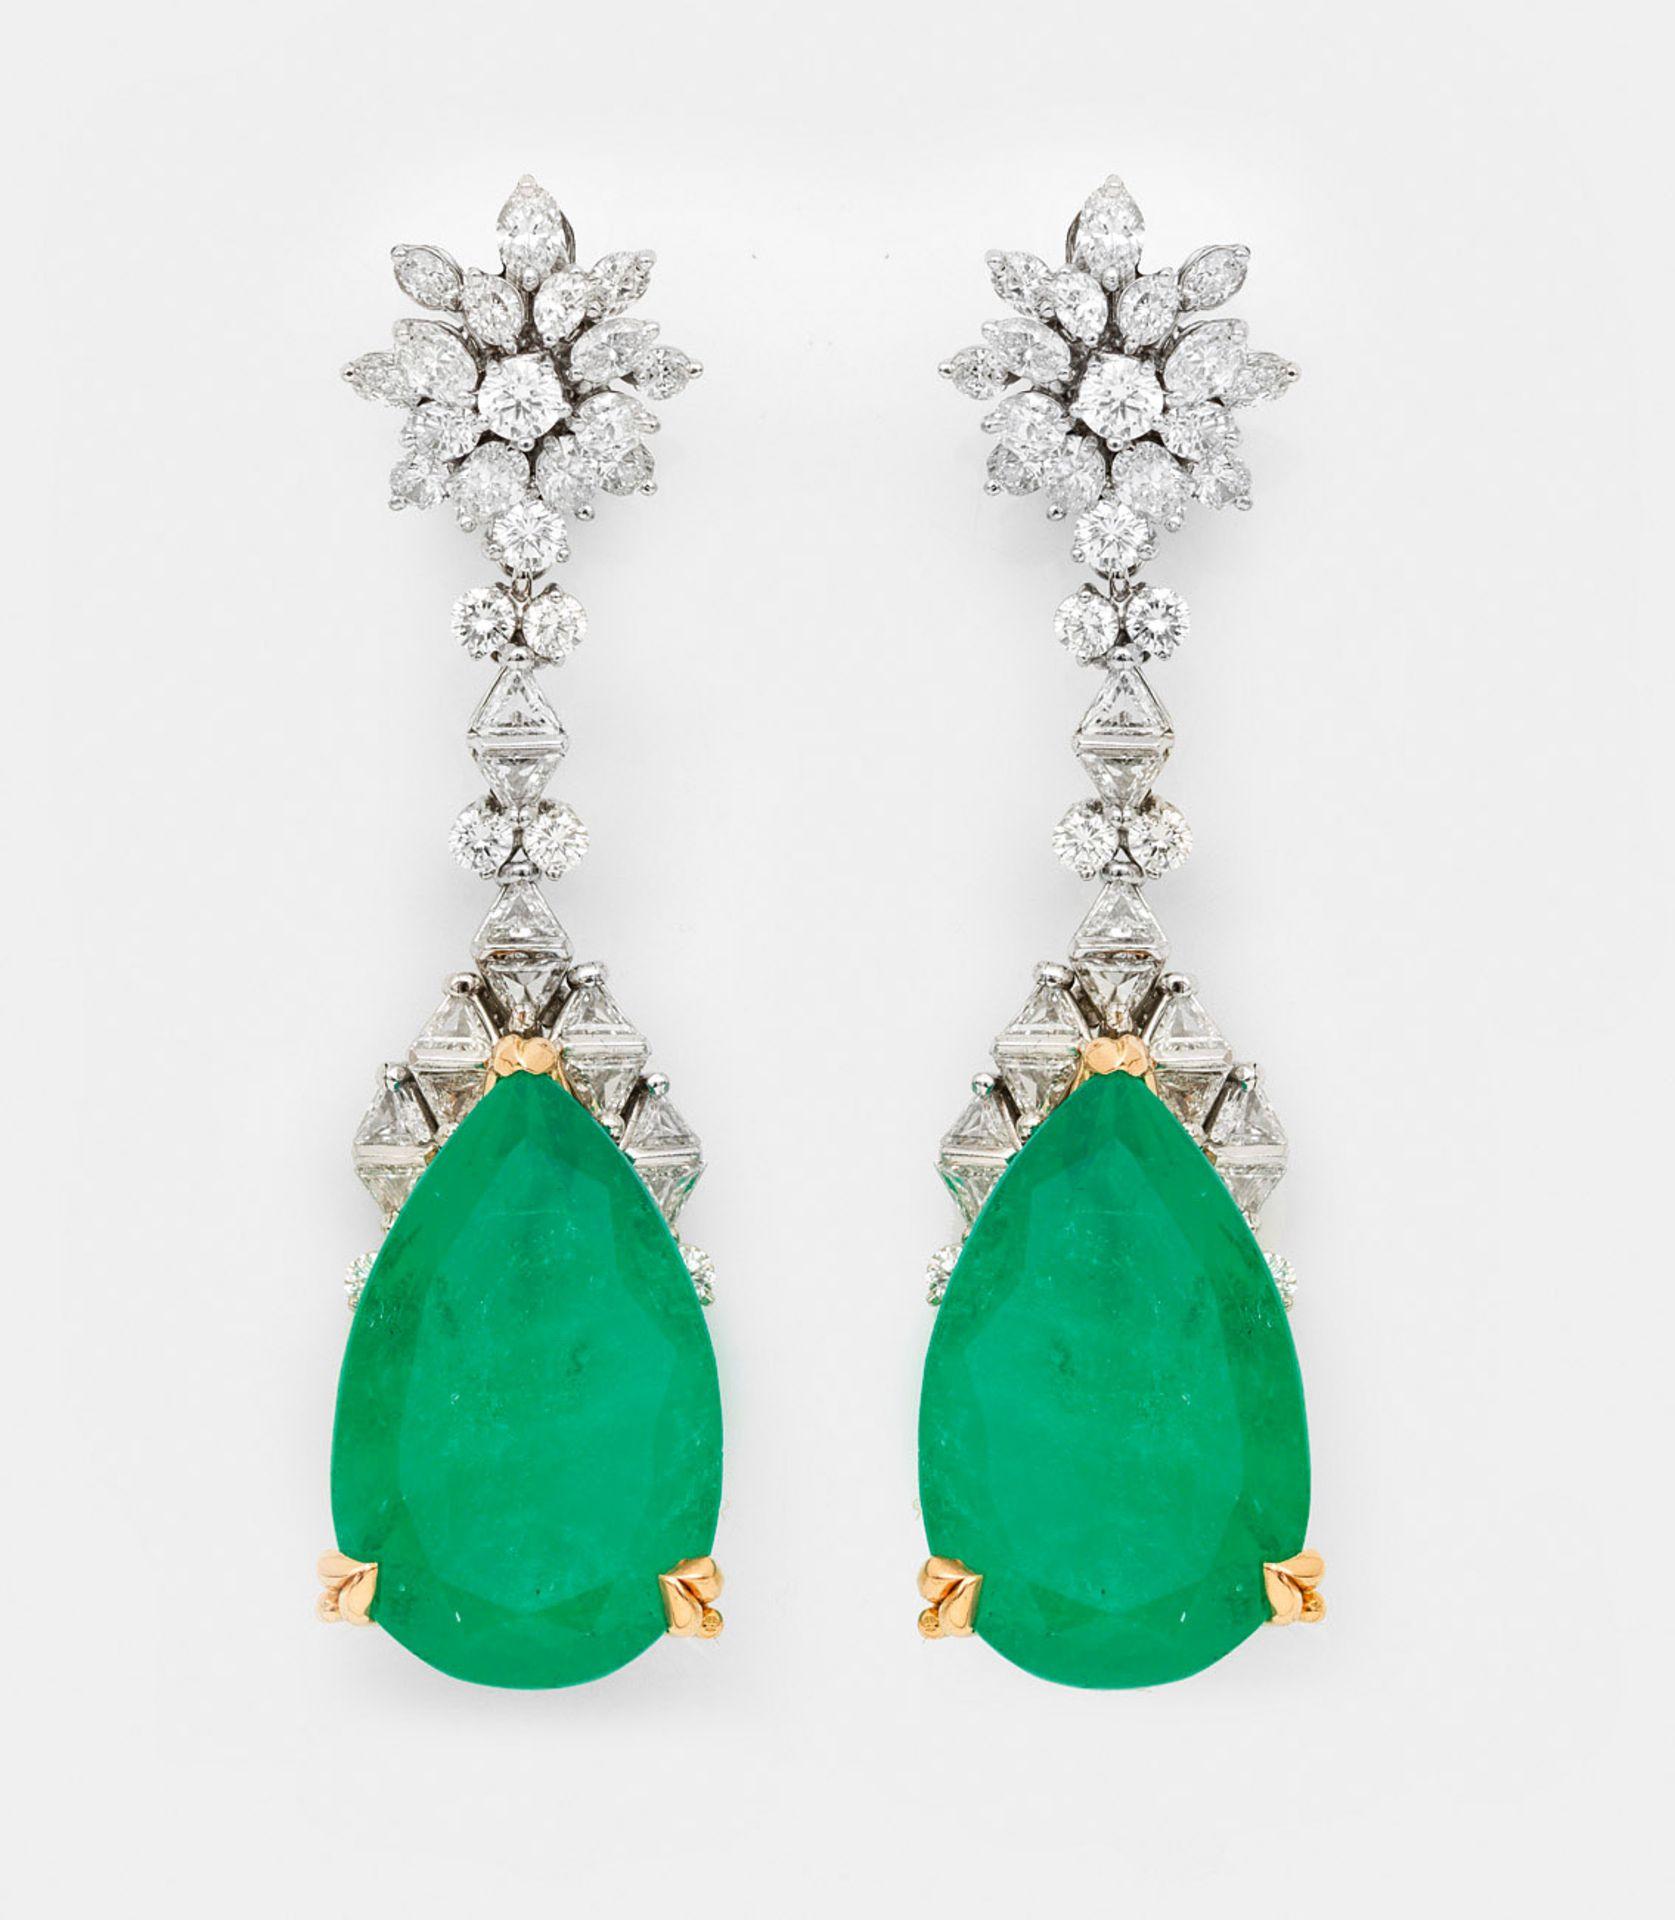 Paar glamouröse kolumbianische Smaragd-Ohrgehänge